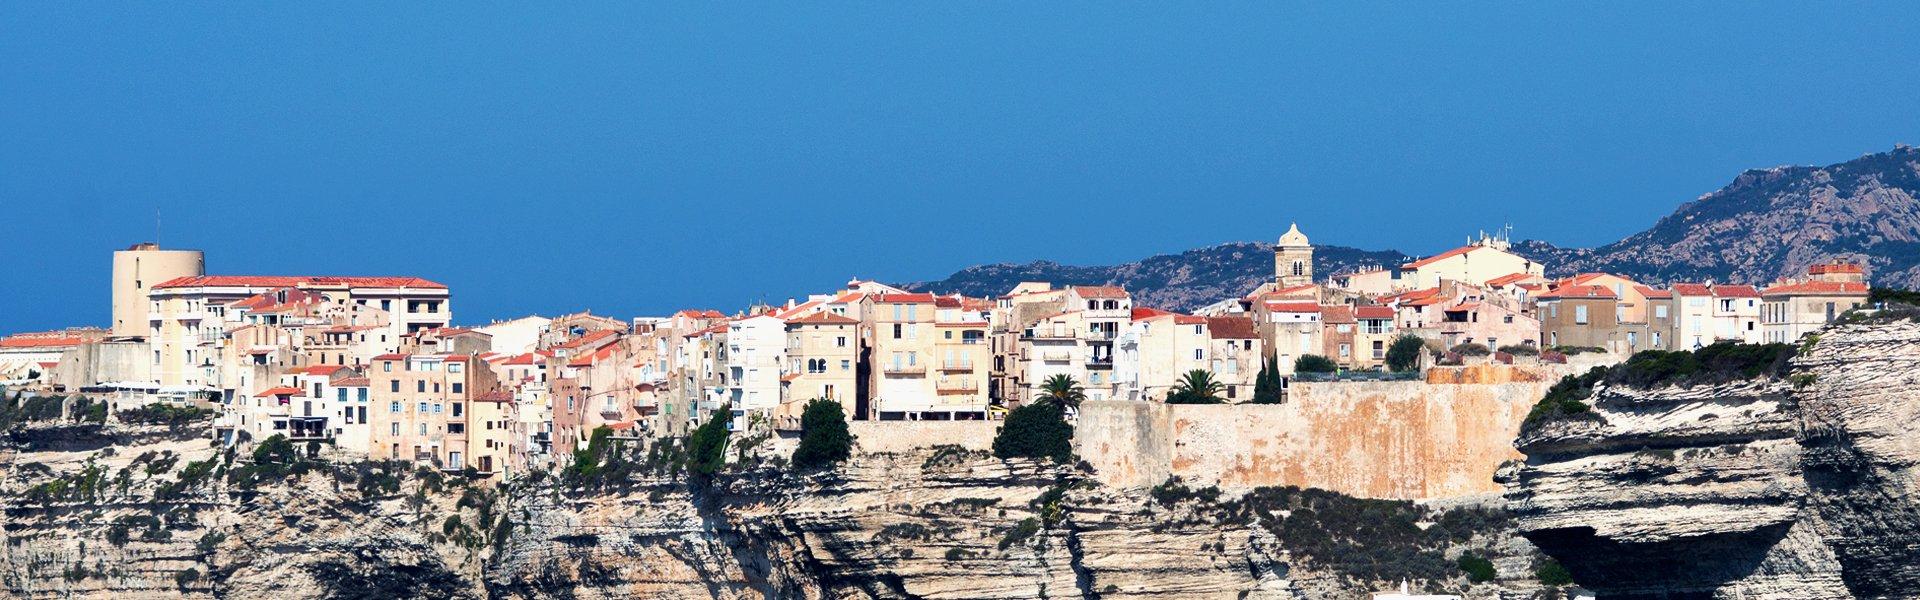 Bonifacio op Corsica, Frankrijk